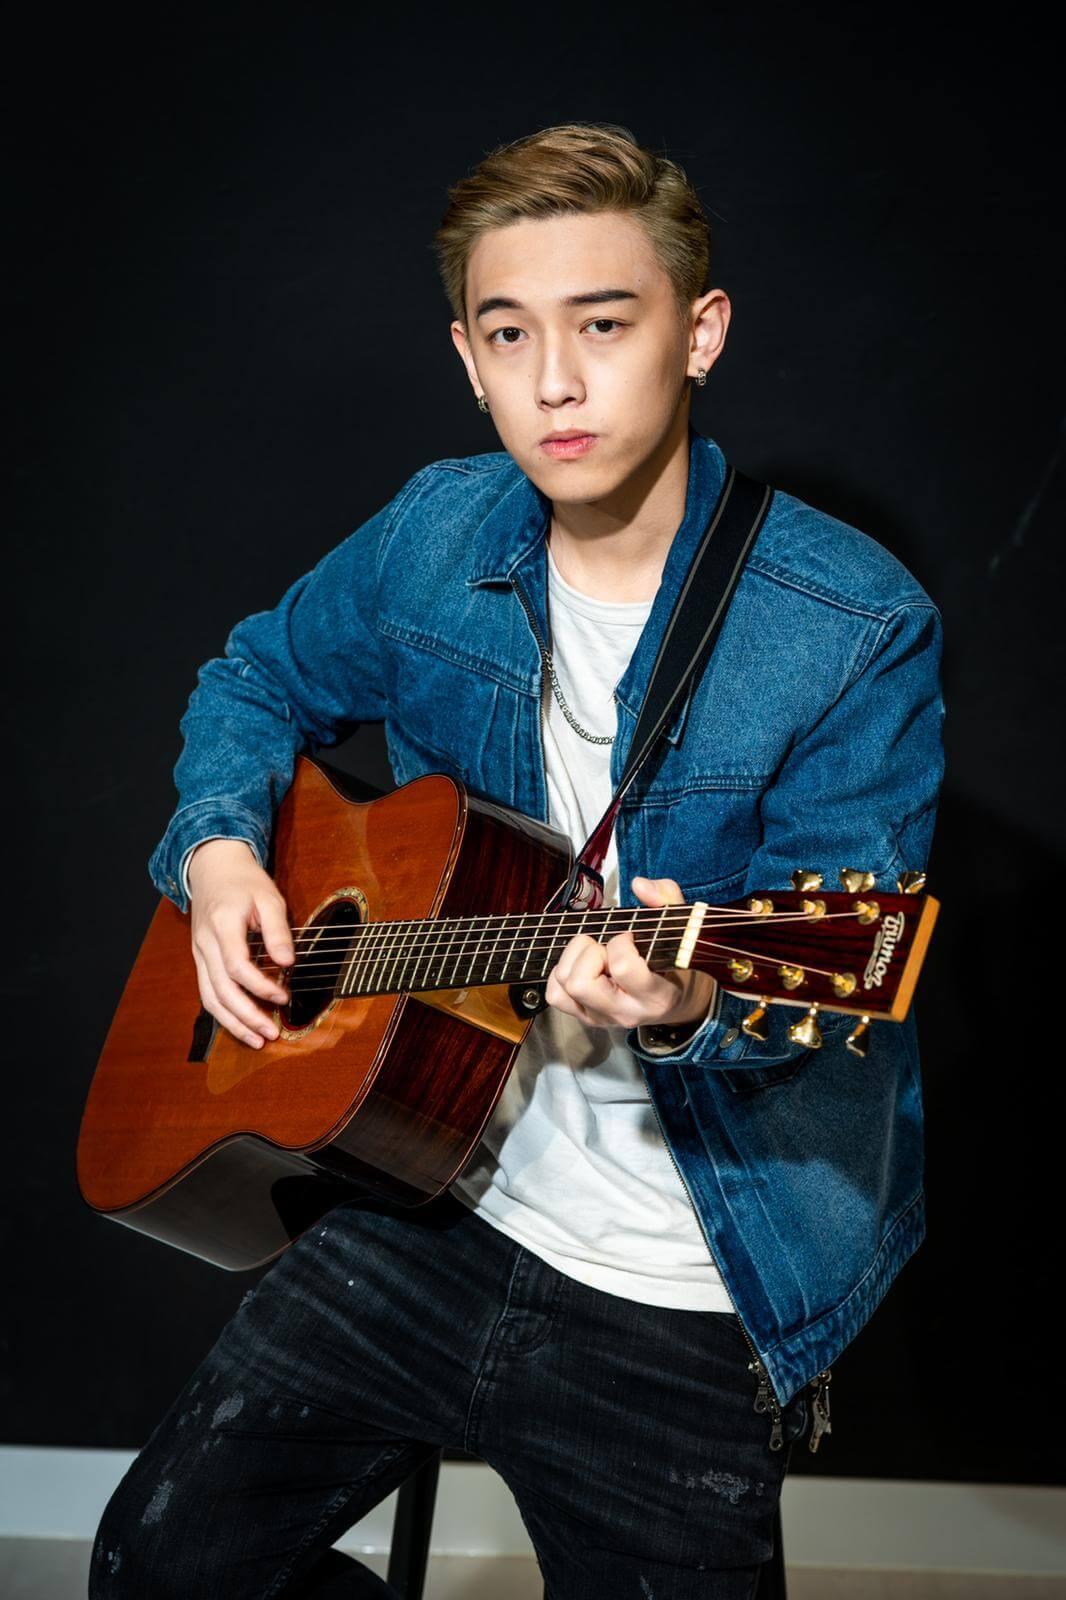 mc_cheung_02